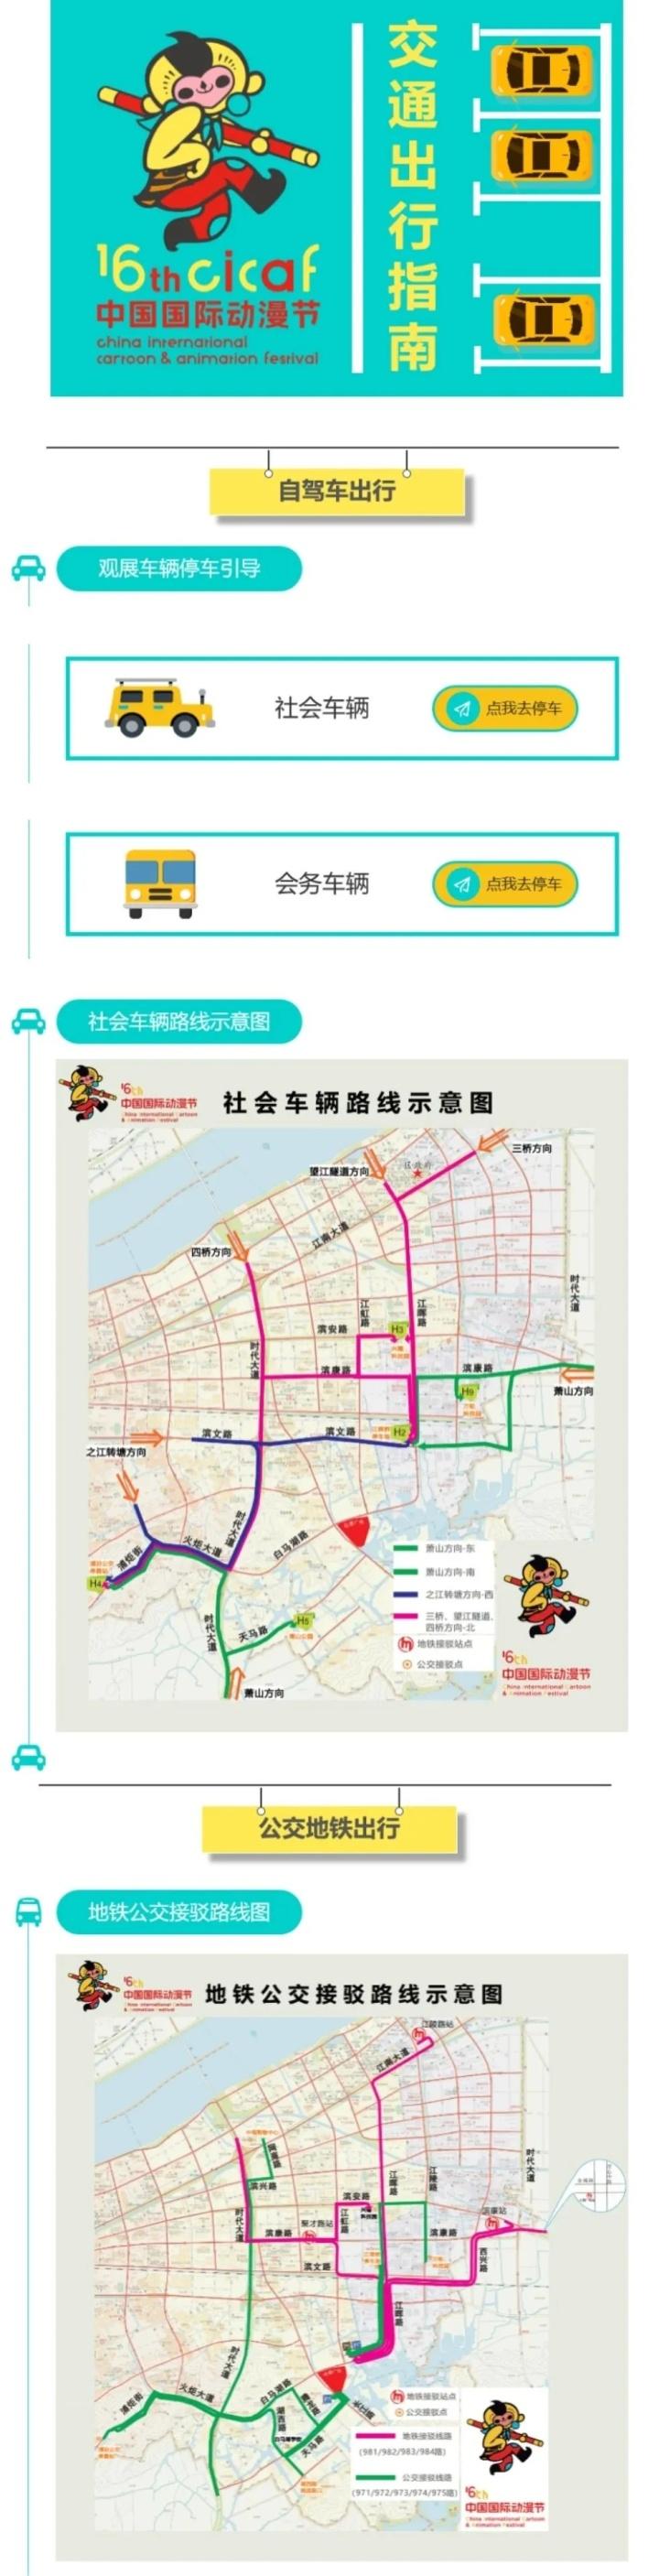 动漫节期间 滨江部分道路交通临时有变化!这份出行指南请收好